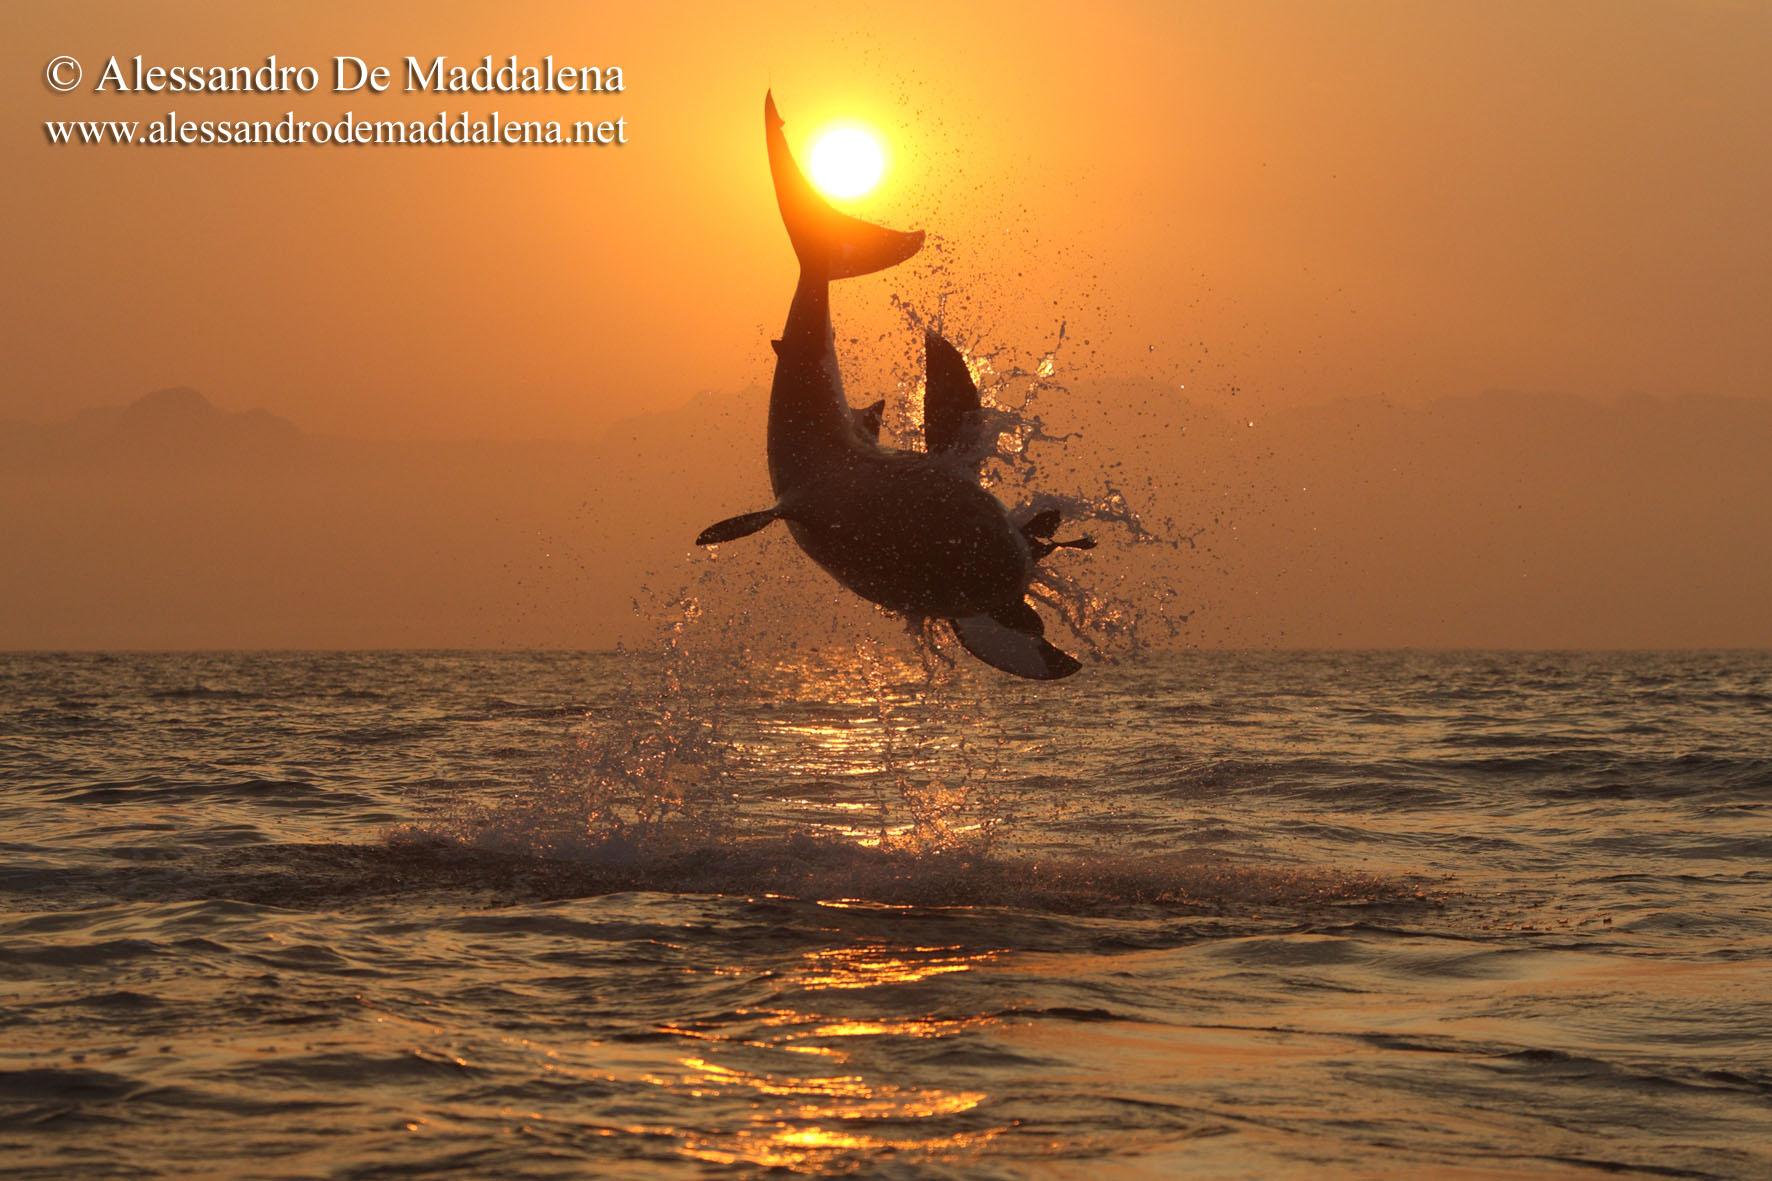 Programma spedizione squalo bianco sudafrica alessandro - Bagno con gli squali sudafrica ...